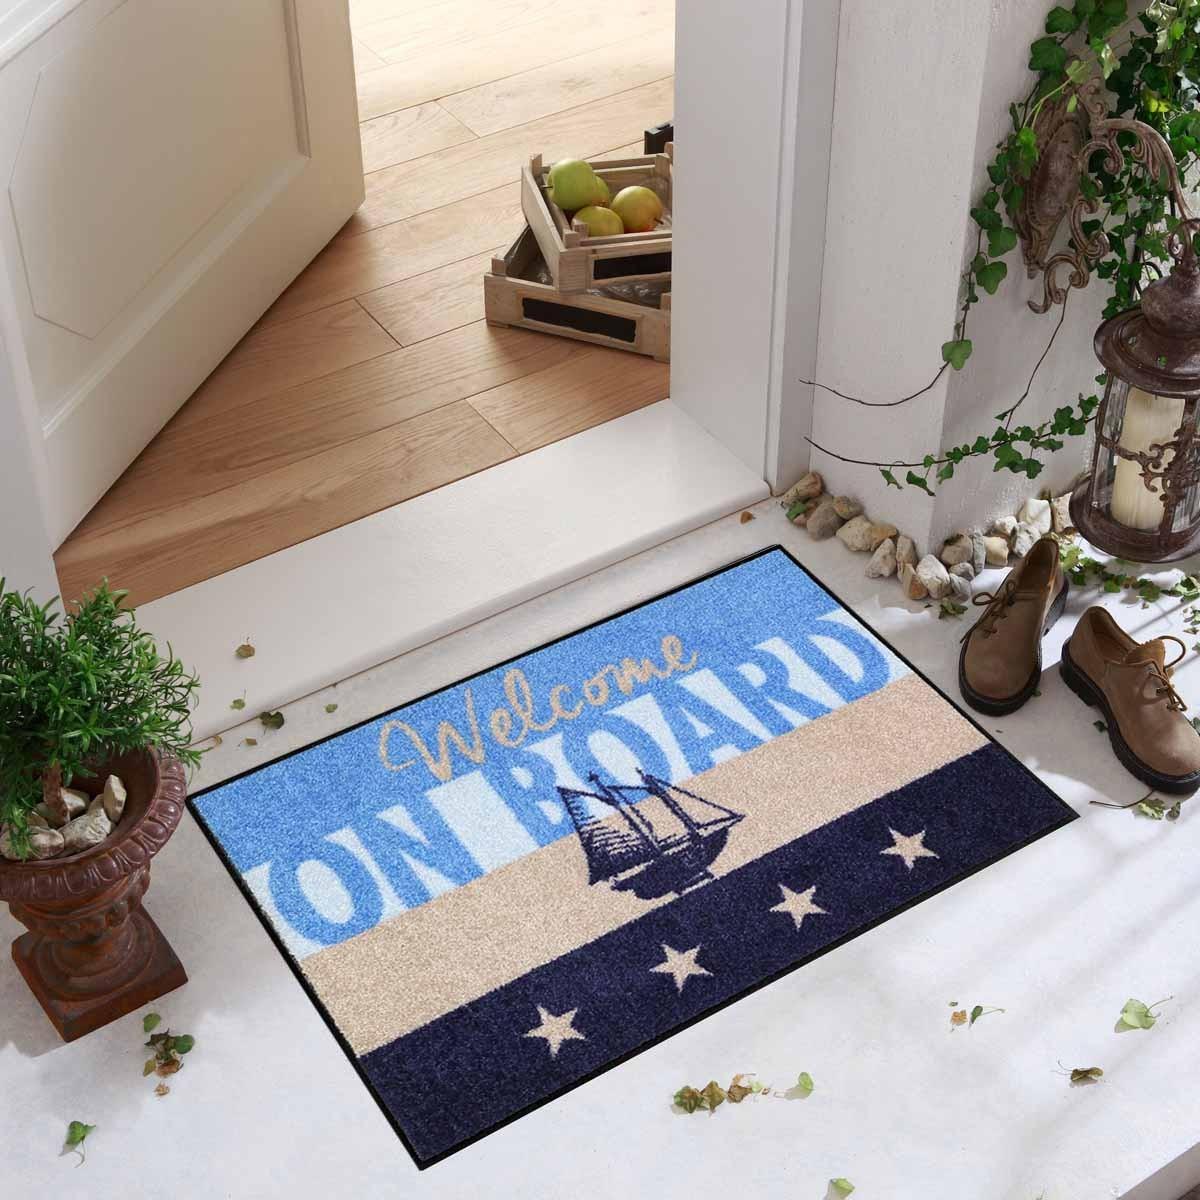 salonloewe fu matte waschbar welcome home yacht 50x75 cm sld1293 050x075 eingang garten fu matten. Black Bedroom Furniture Sets. Home Design Ideas